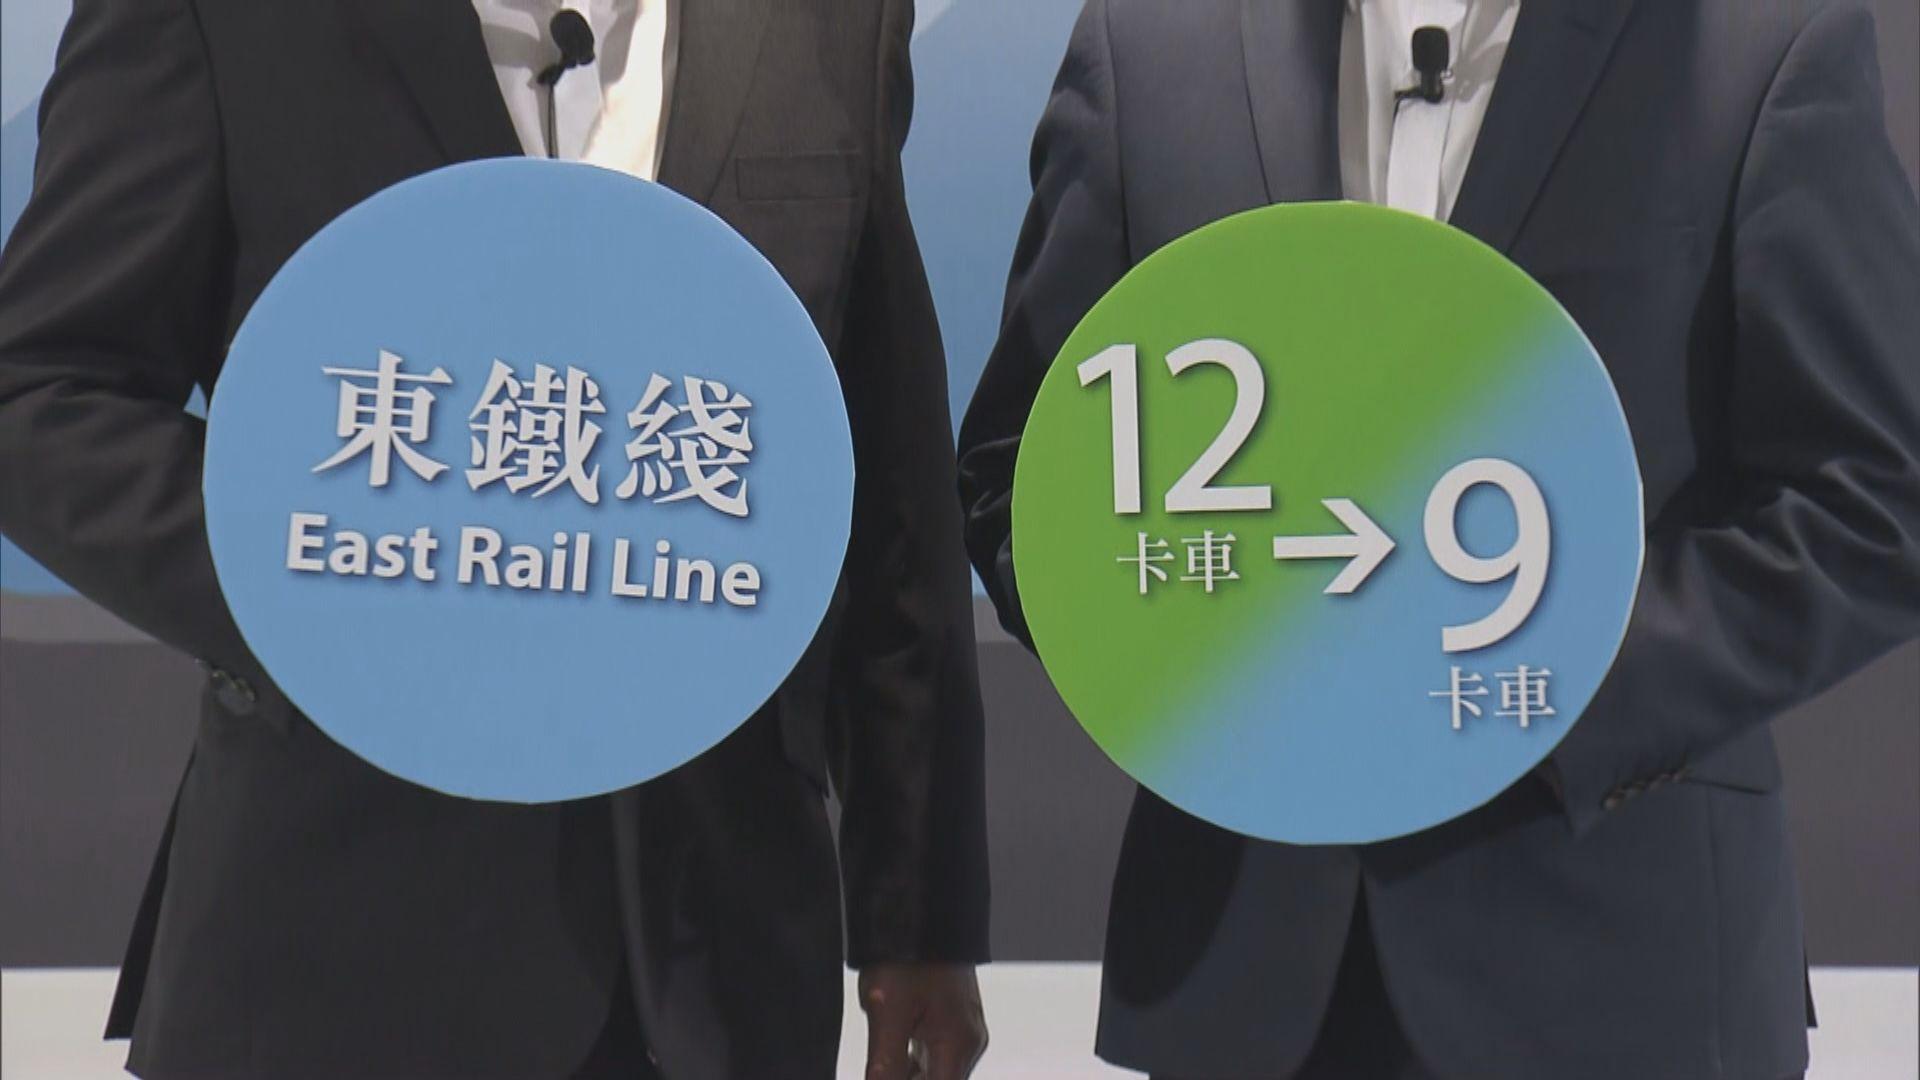 港鐵東鐵綫年中起以九卡車代十二卡車